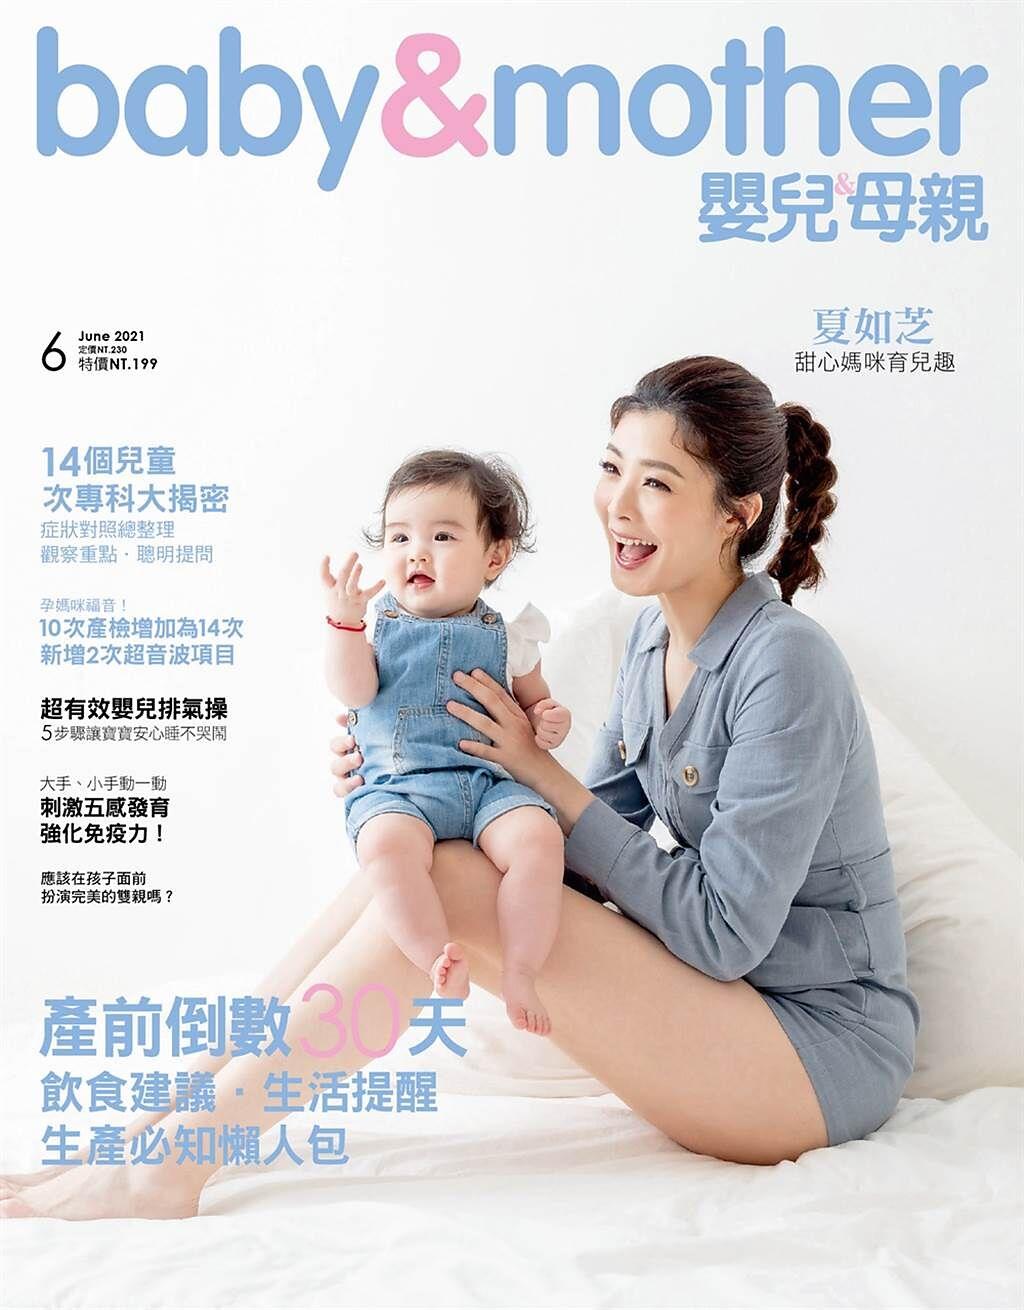 【嬰兒與母親】2021年6月號